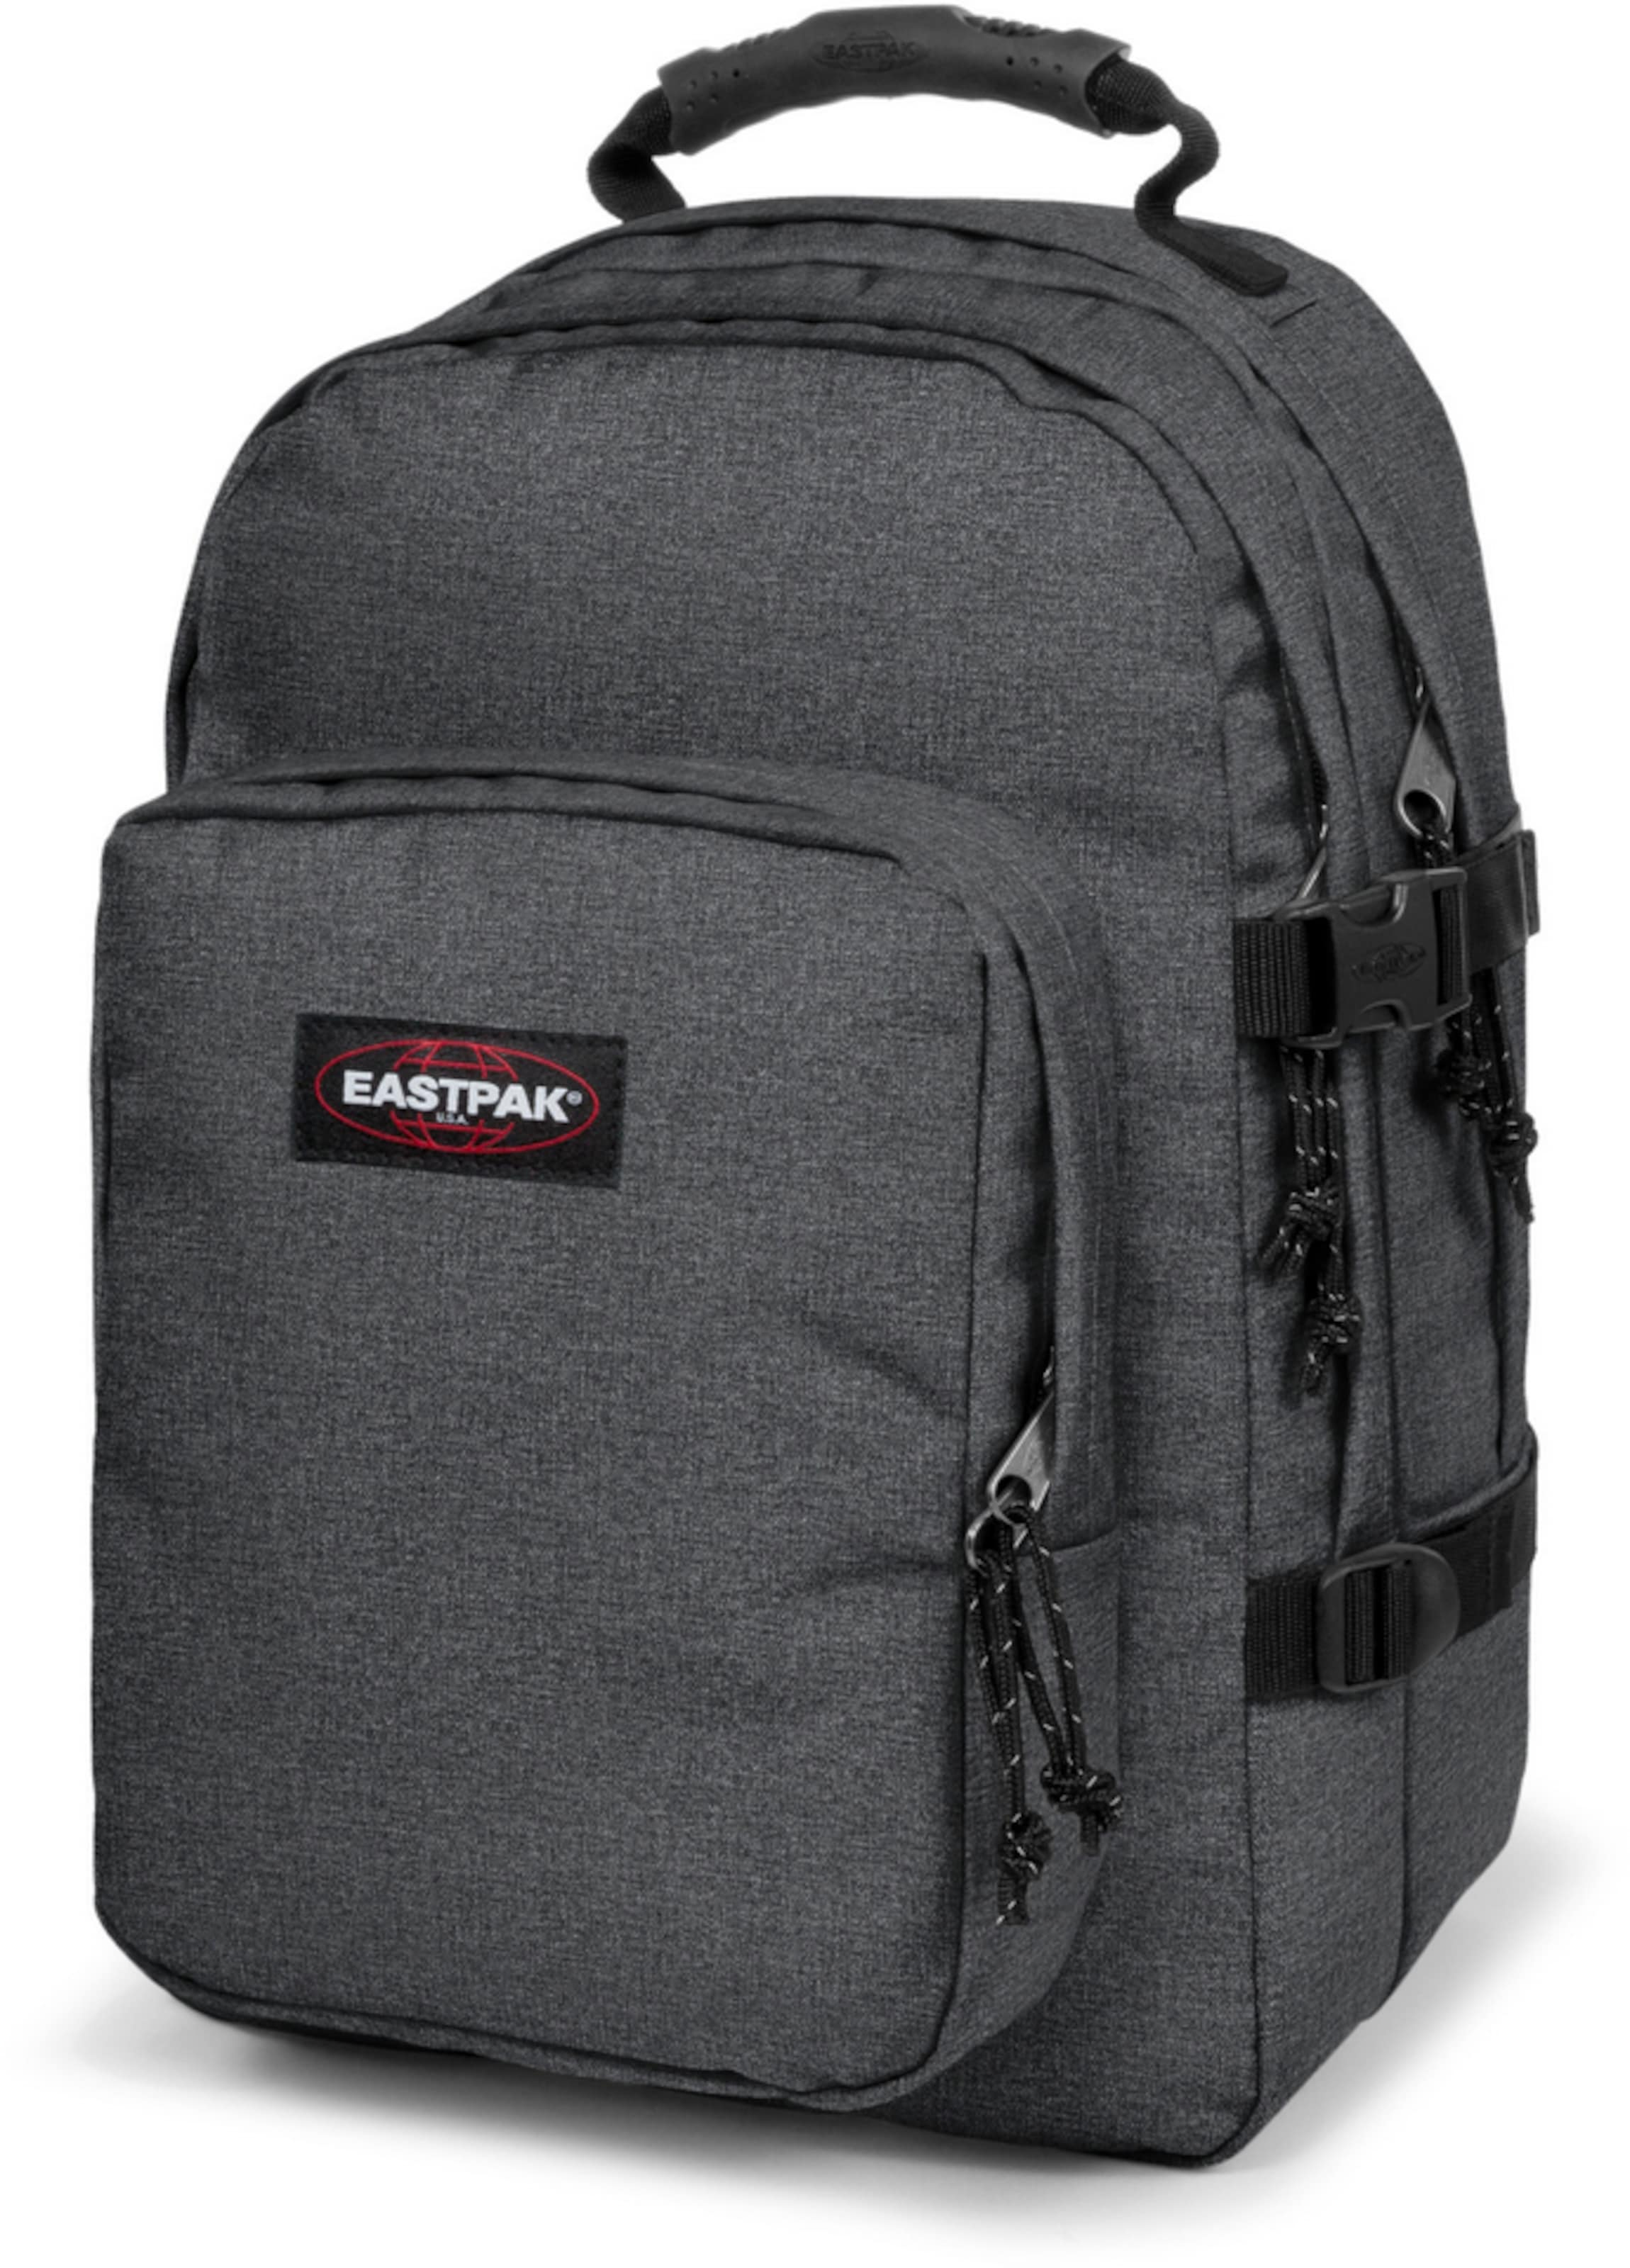 cm 44 Provider EASTPAK Rucksack EASTPAK Authentic Laptopfach Authentic Provider Collection Collection 44 Rucksack qUFxwPOv